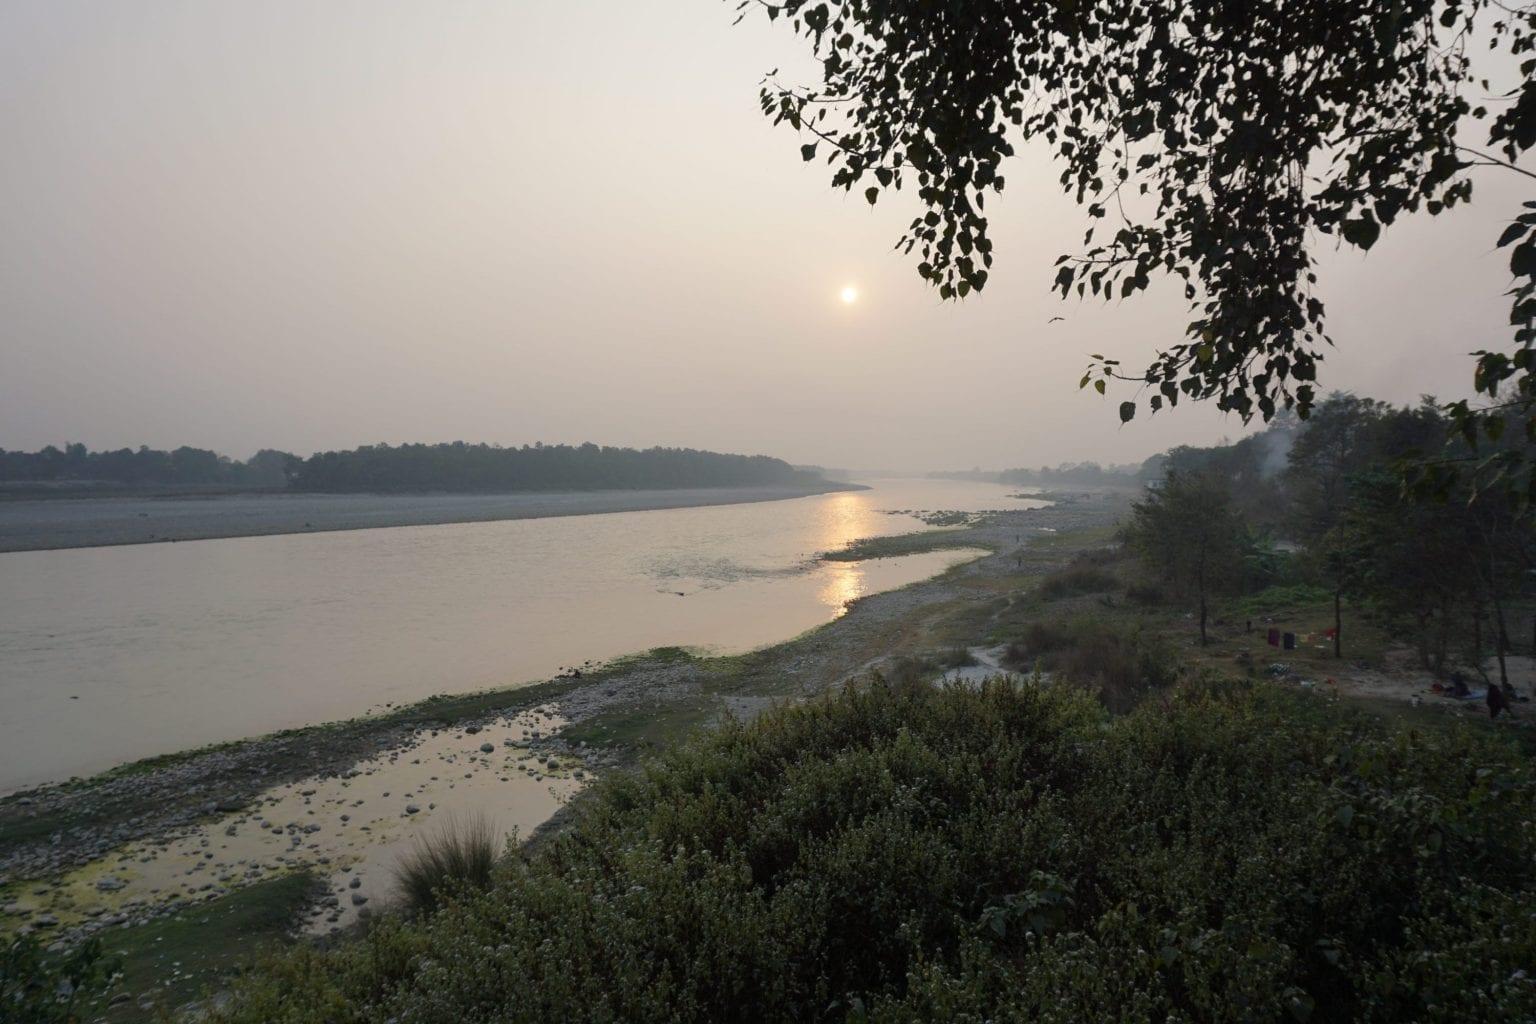 Narayani-floden er en af Nepals vigtigste floder. Den løber igennen Chitwan nationalpark, og er levested for flere udrydningstruede dyr. Carlsberg har i flere år forurenet floden.